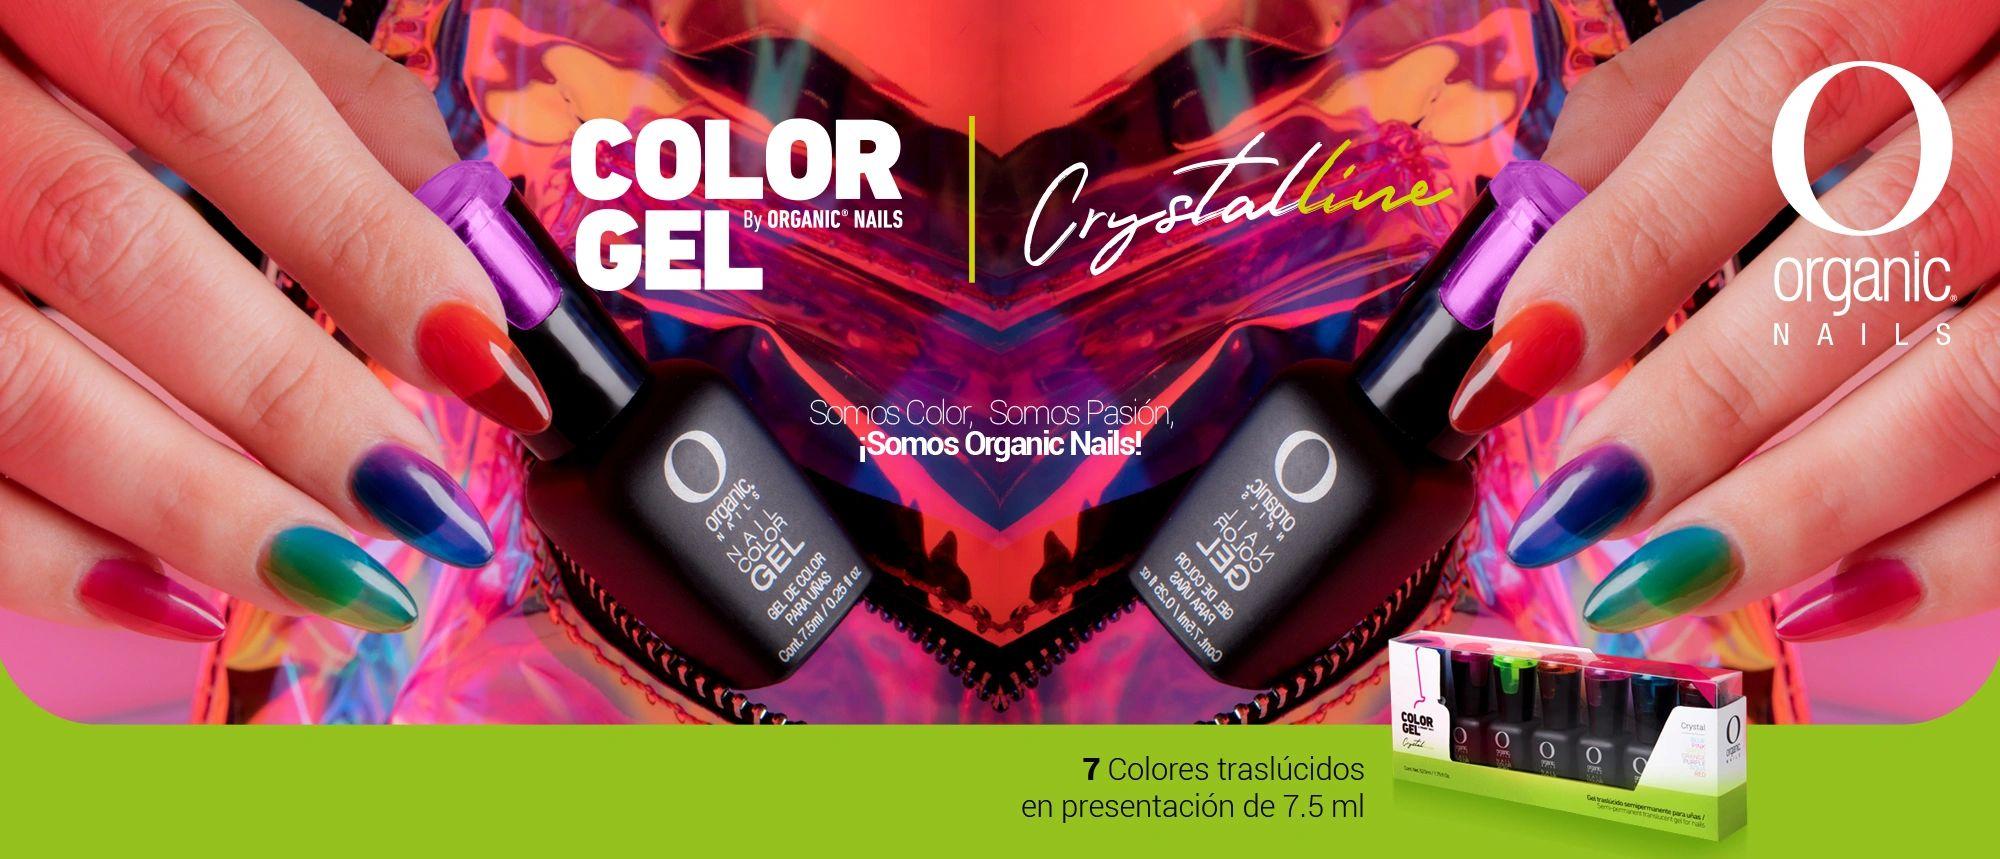 Organic Nails Nails Supply Nail Supplies Acrylic Nails